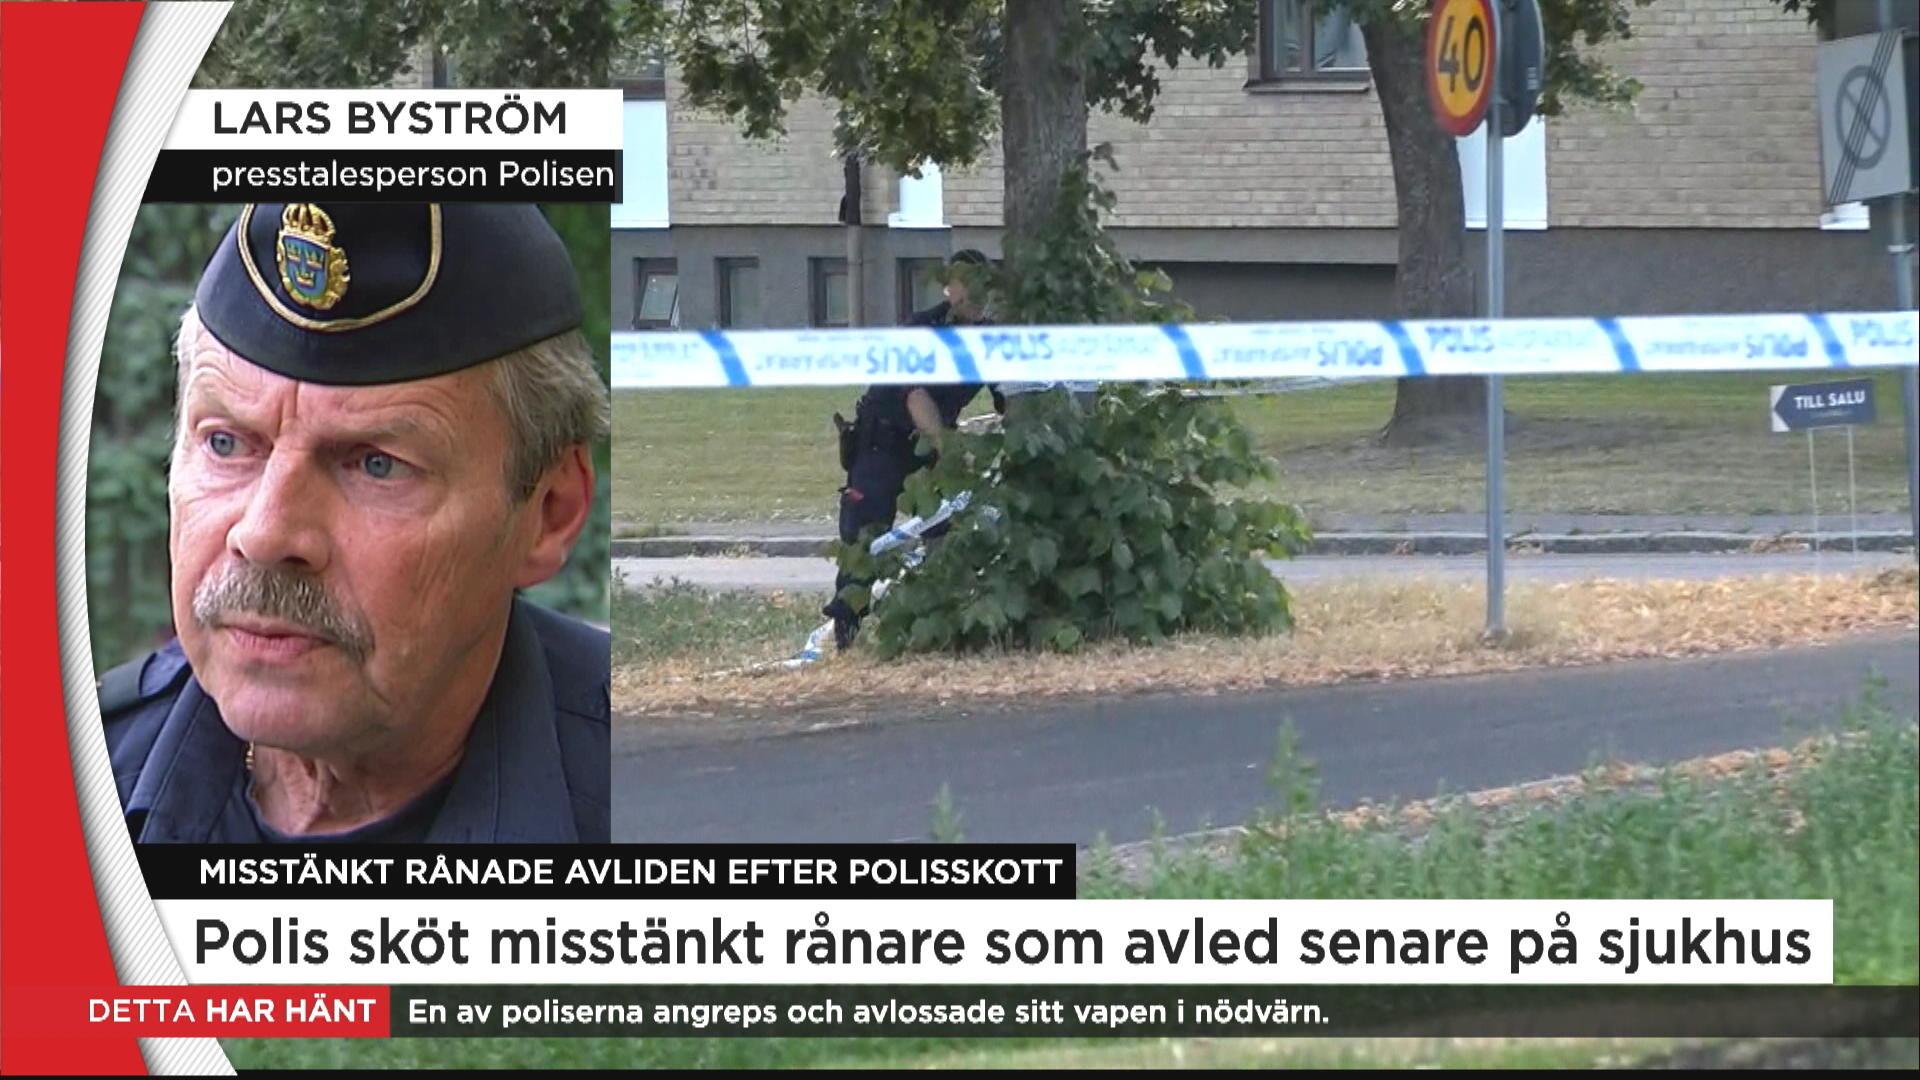 Misstankt samarbetar med polisen